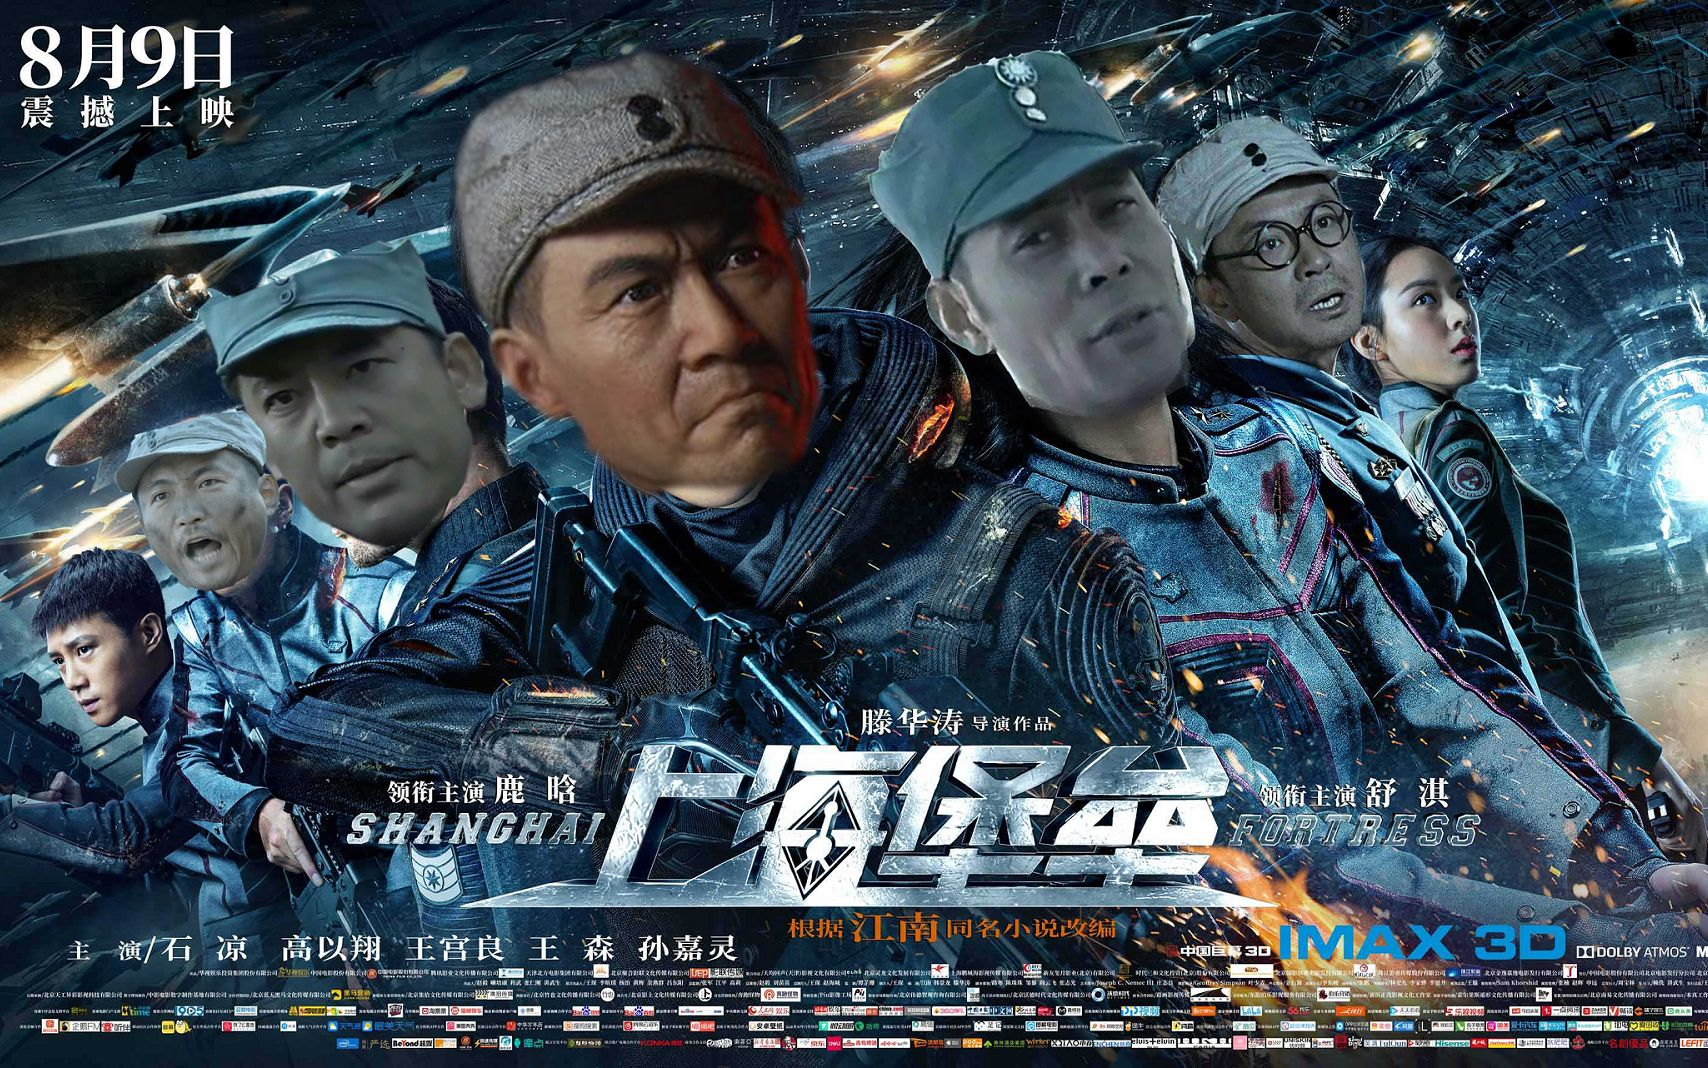 【上海堡垒】李云龙出演上海堡垒预告片,这才是真正的中国军魂